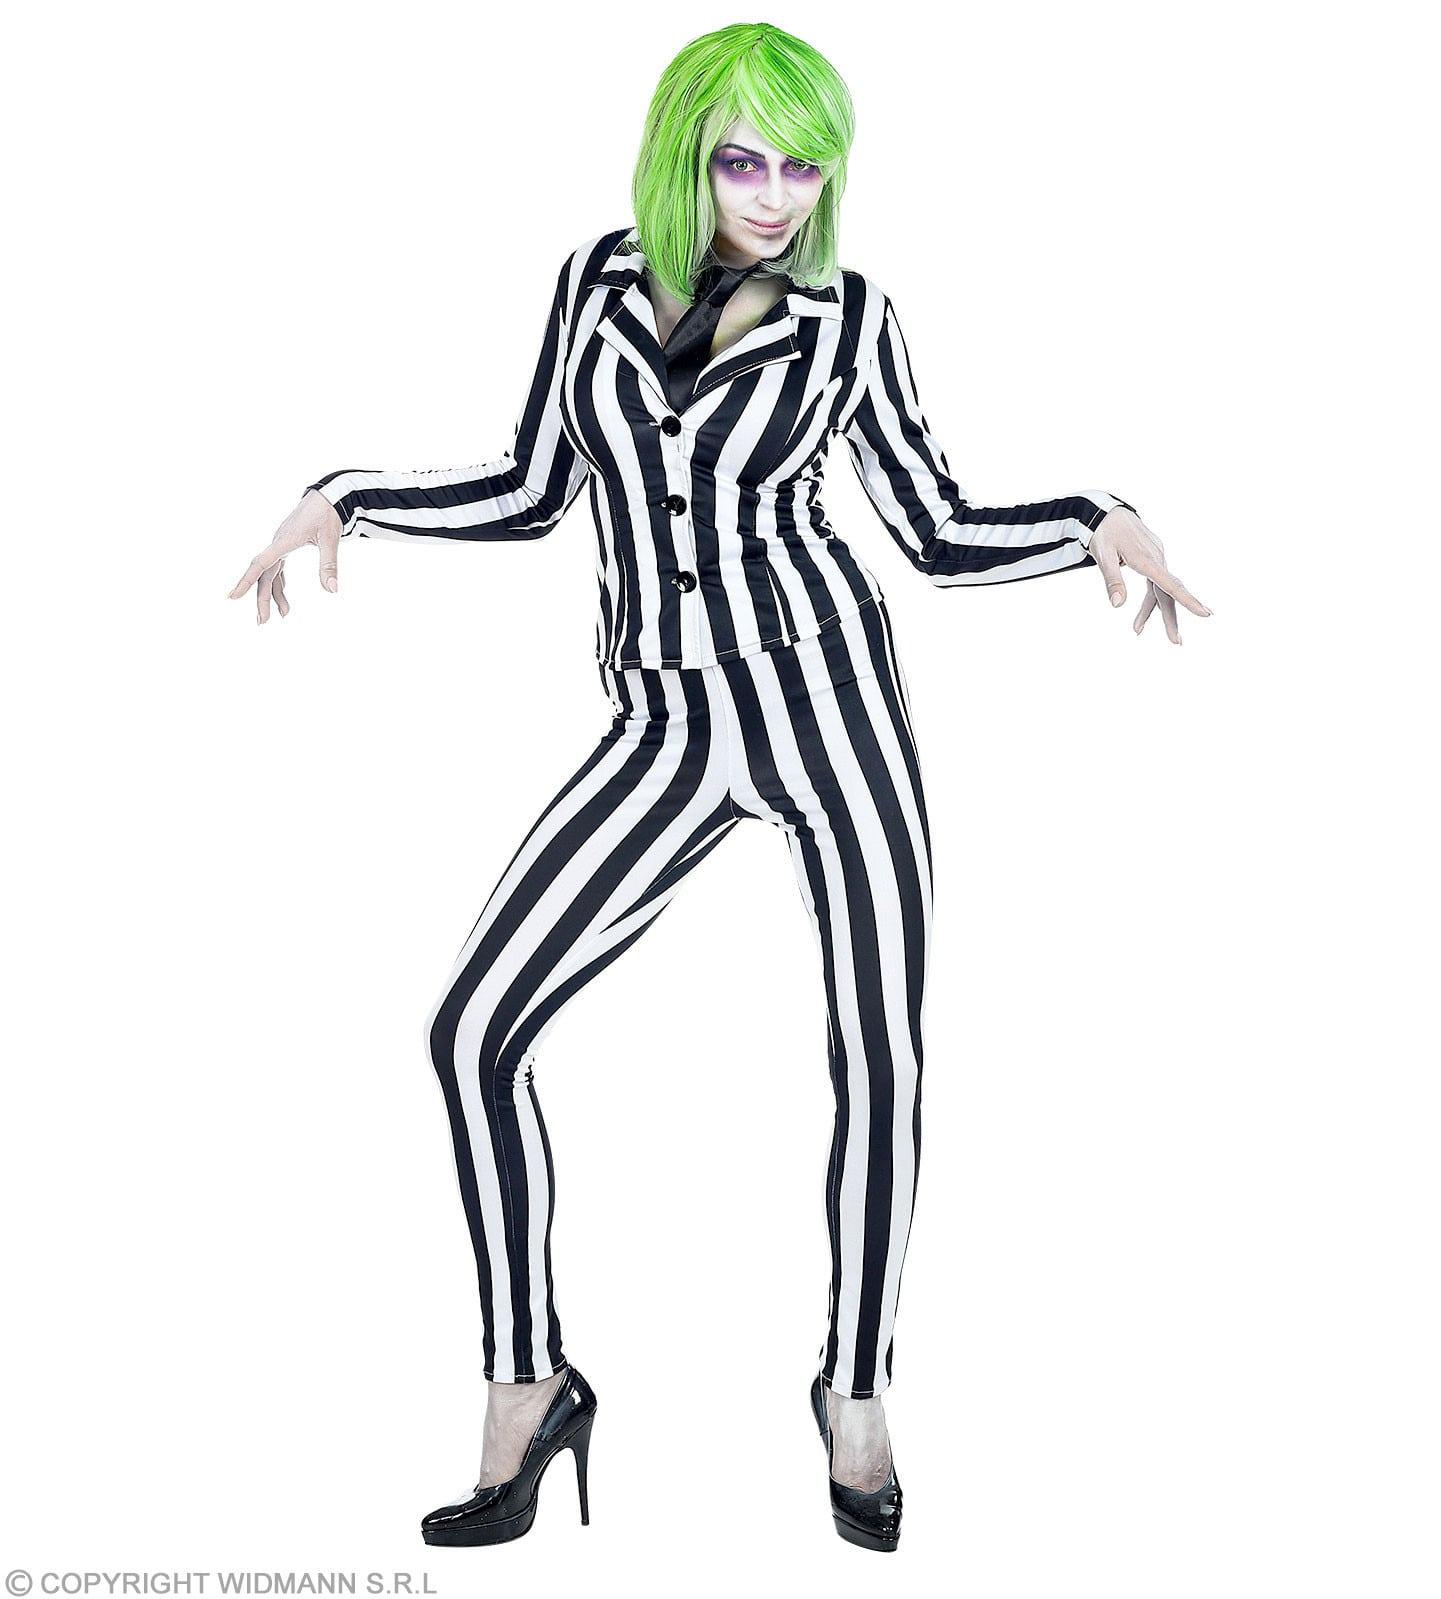 Geest In Streepjespak Betelgeuse Vrouw Kostuum